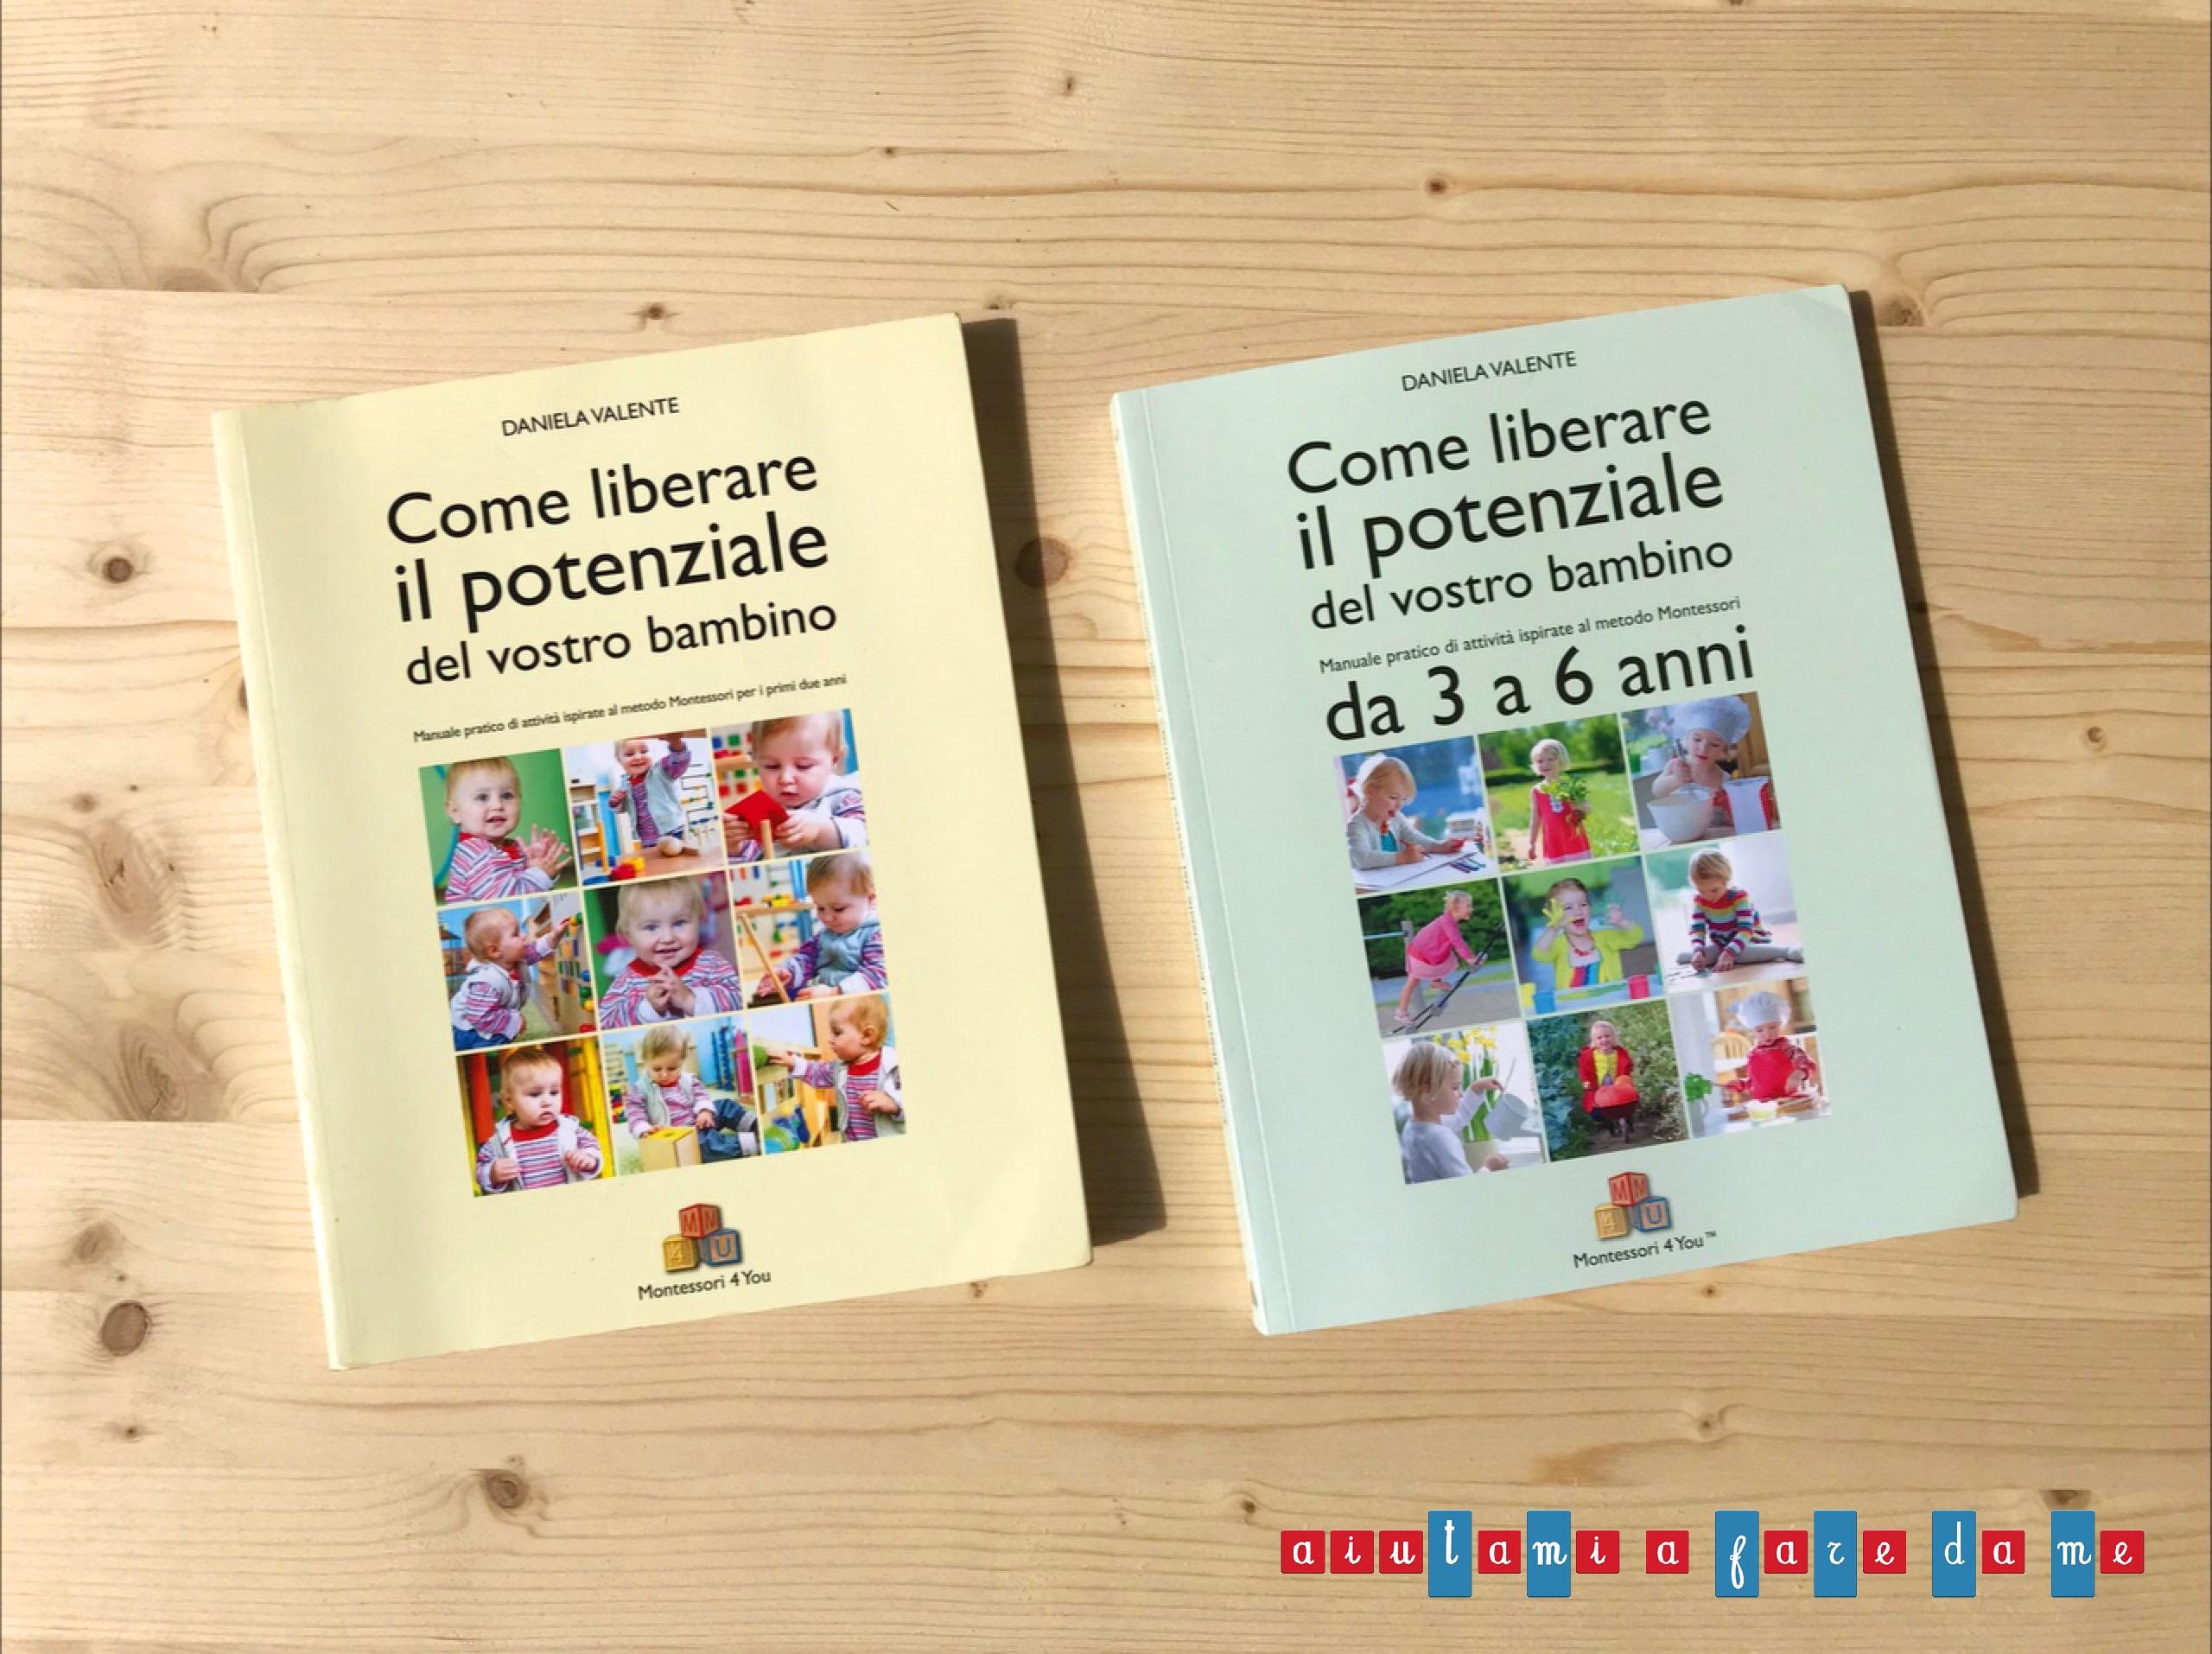 Come liberare il potenziale del vostro bambino – Due guide pratiche per applicare il Metodo Montessori a casa